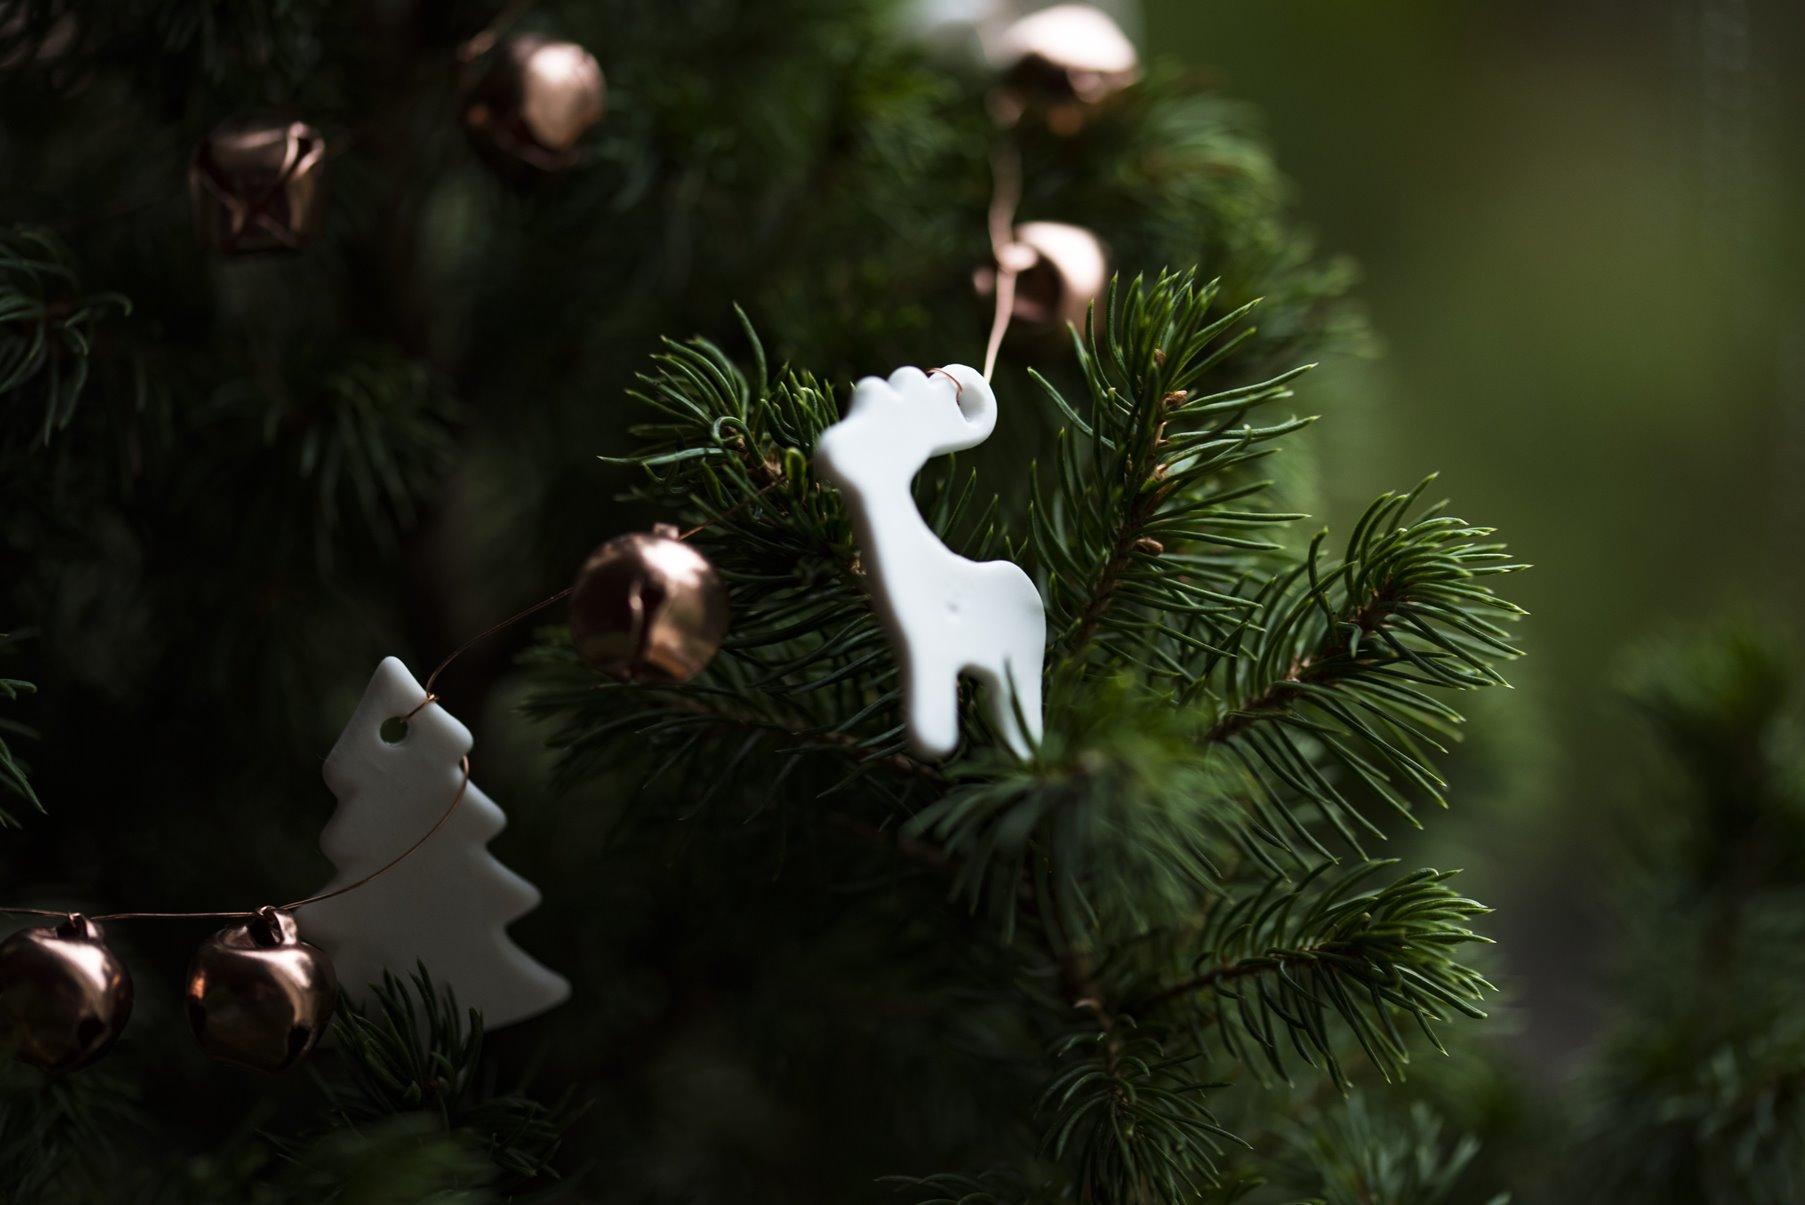 Hoe Kies Je Een Duurzame Kerstboom Awkward Duckling